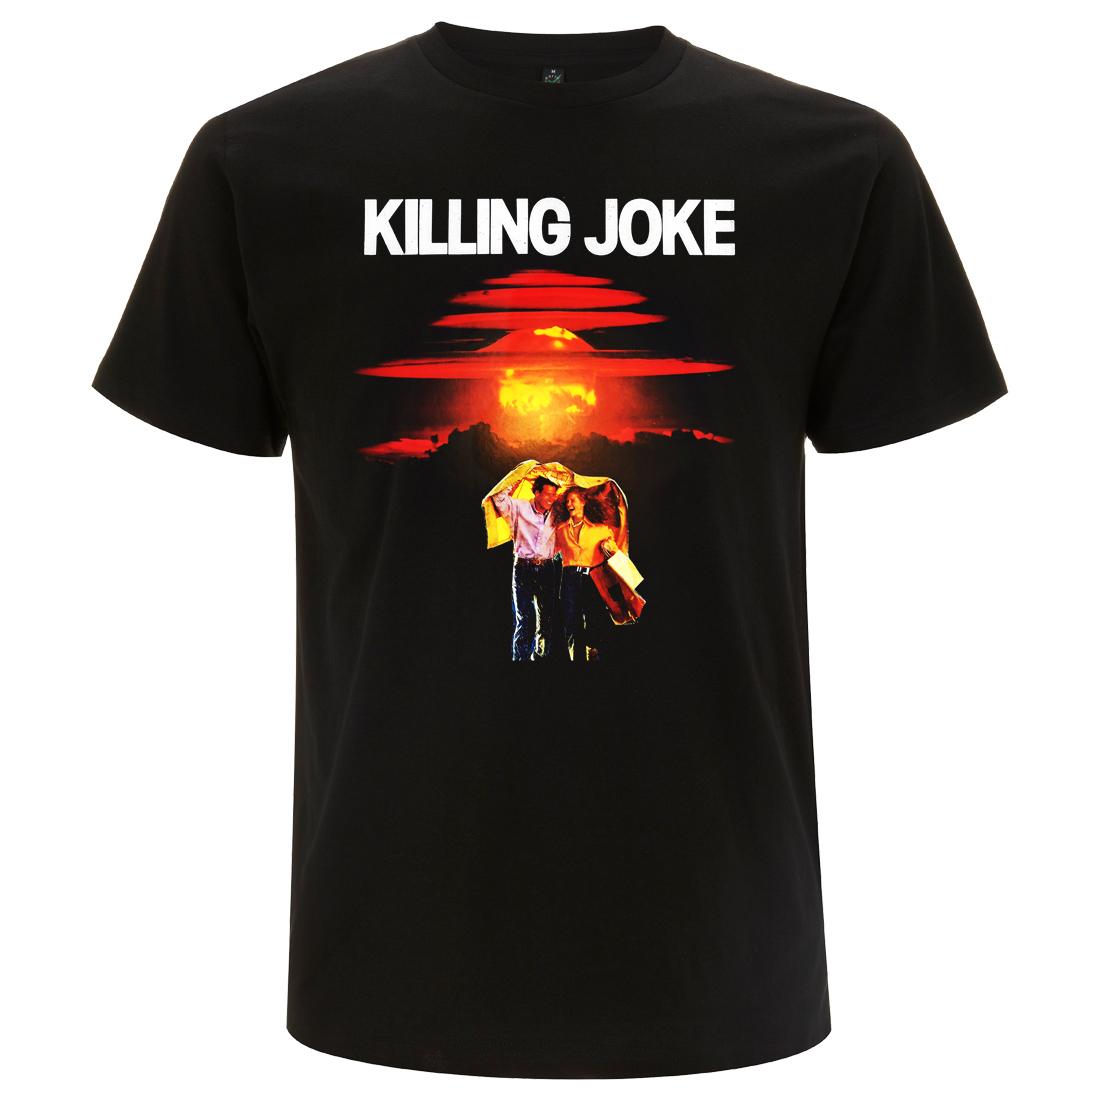 Nuclear War T-Shirt - Killing Joke